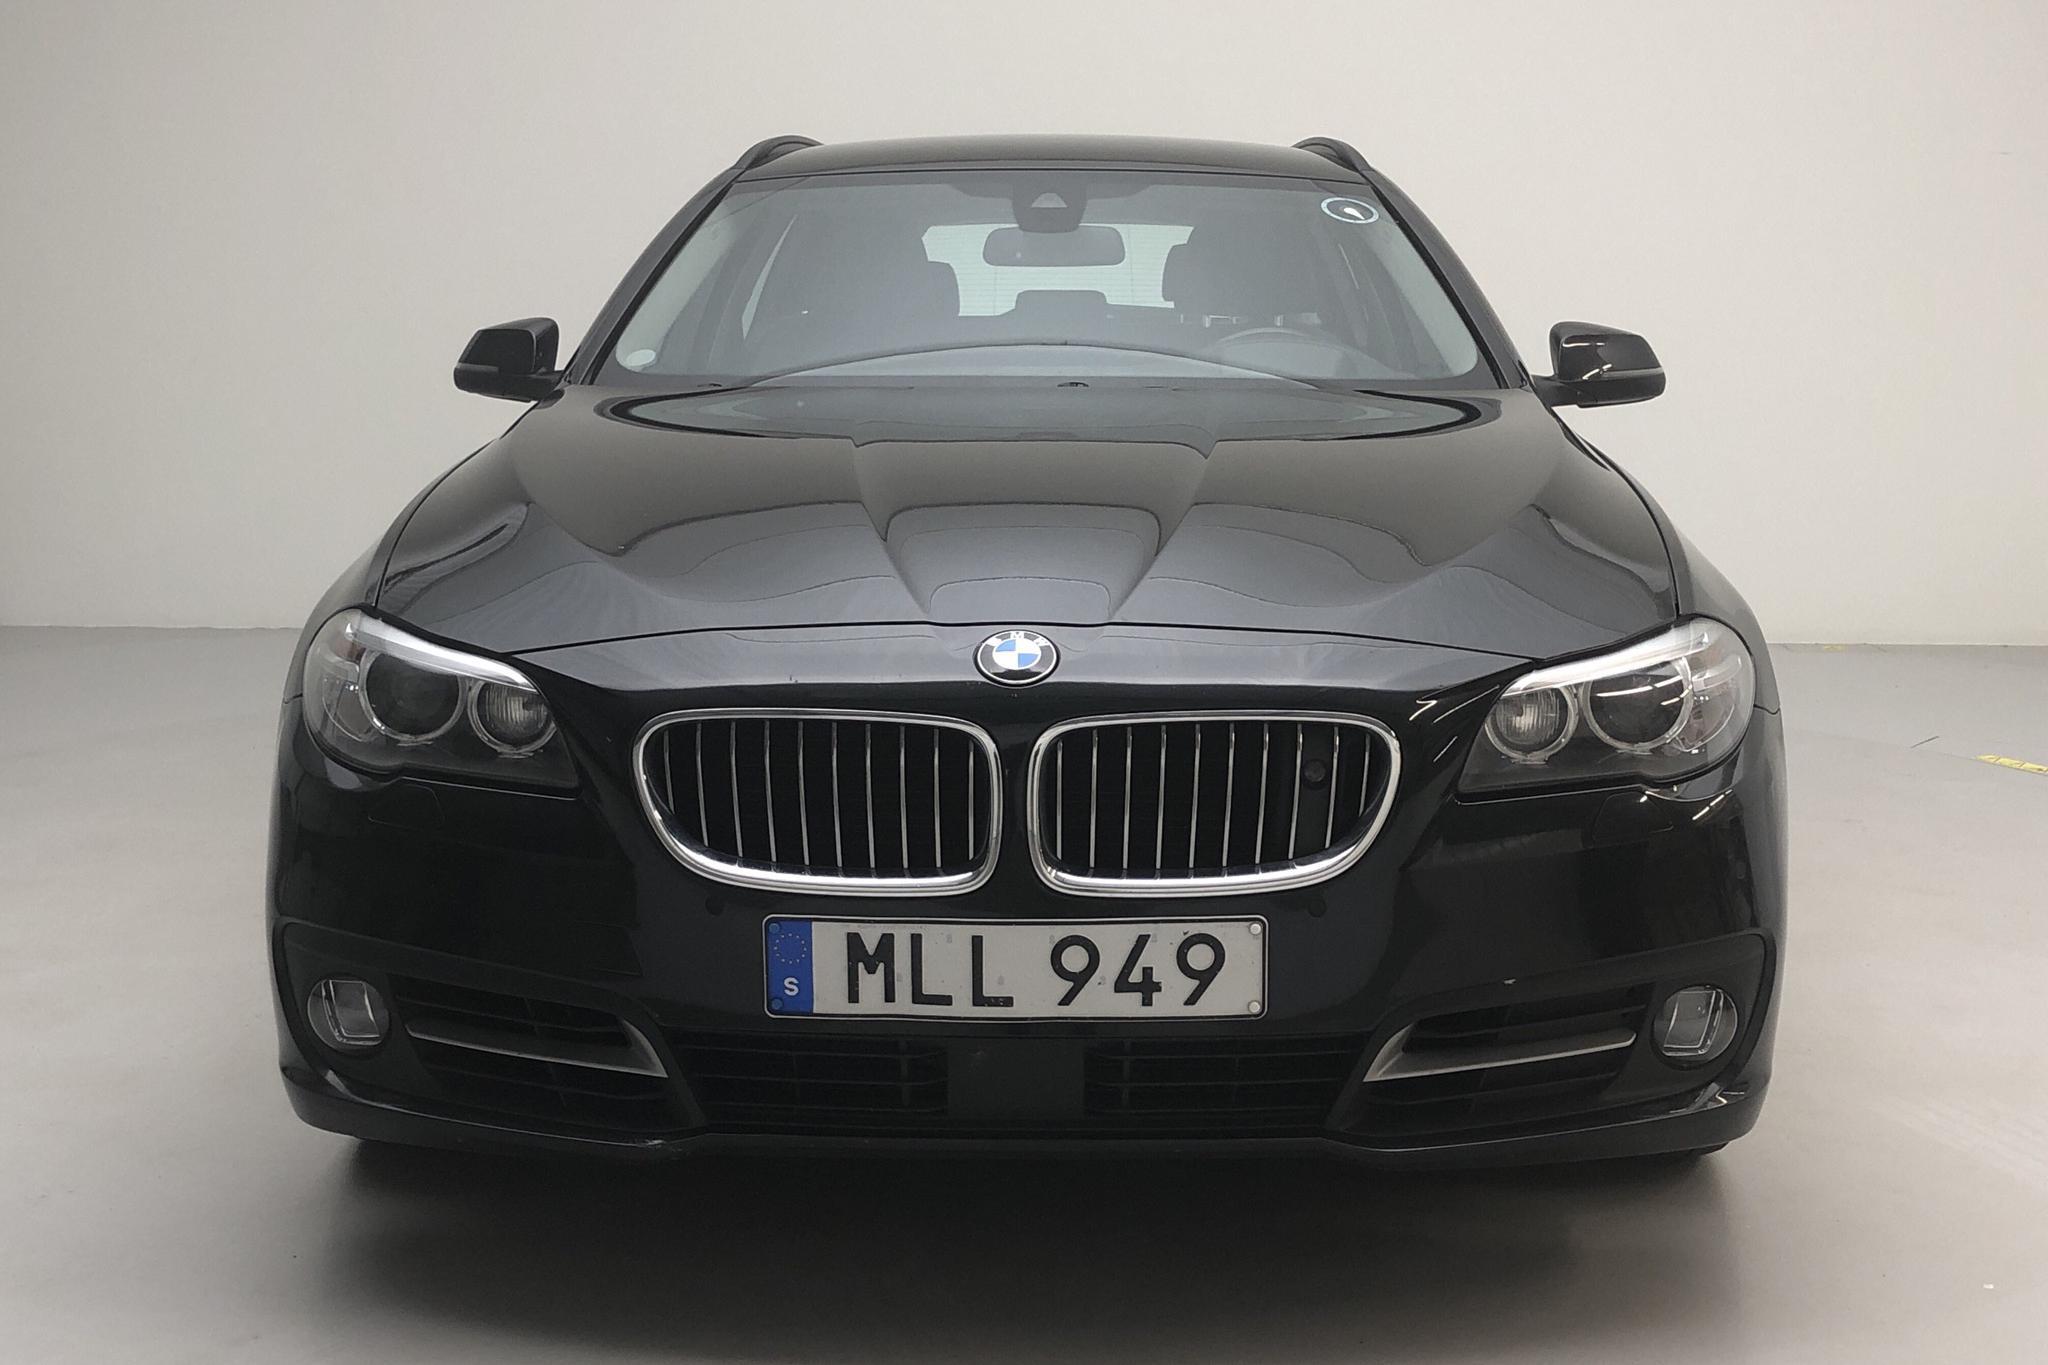 BMW 535d xDrive Touring, F11 (313hk) - 178 010 km - Automatic - black - 2014